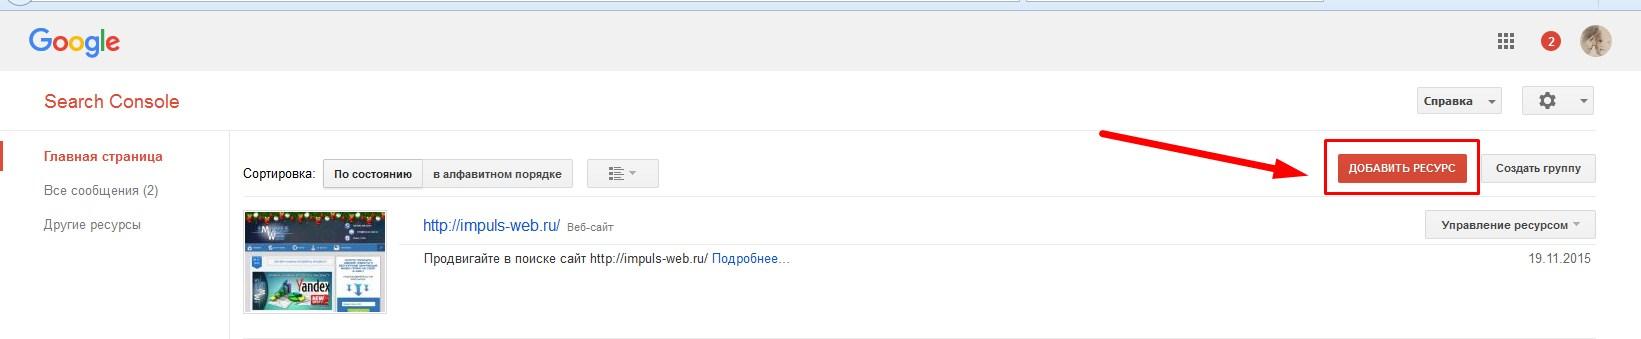 Добавление сайта в гугл